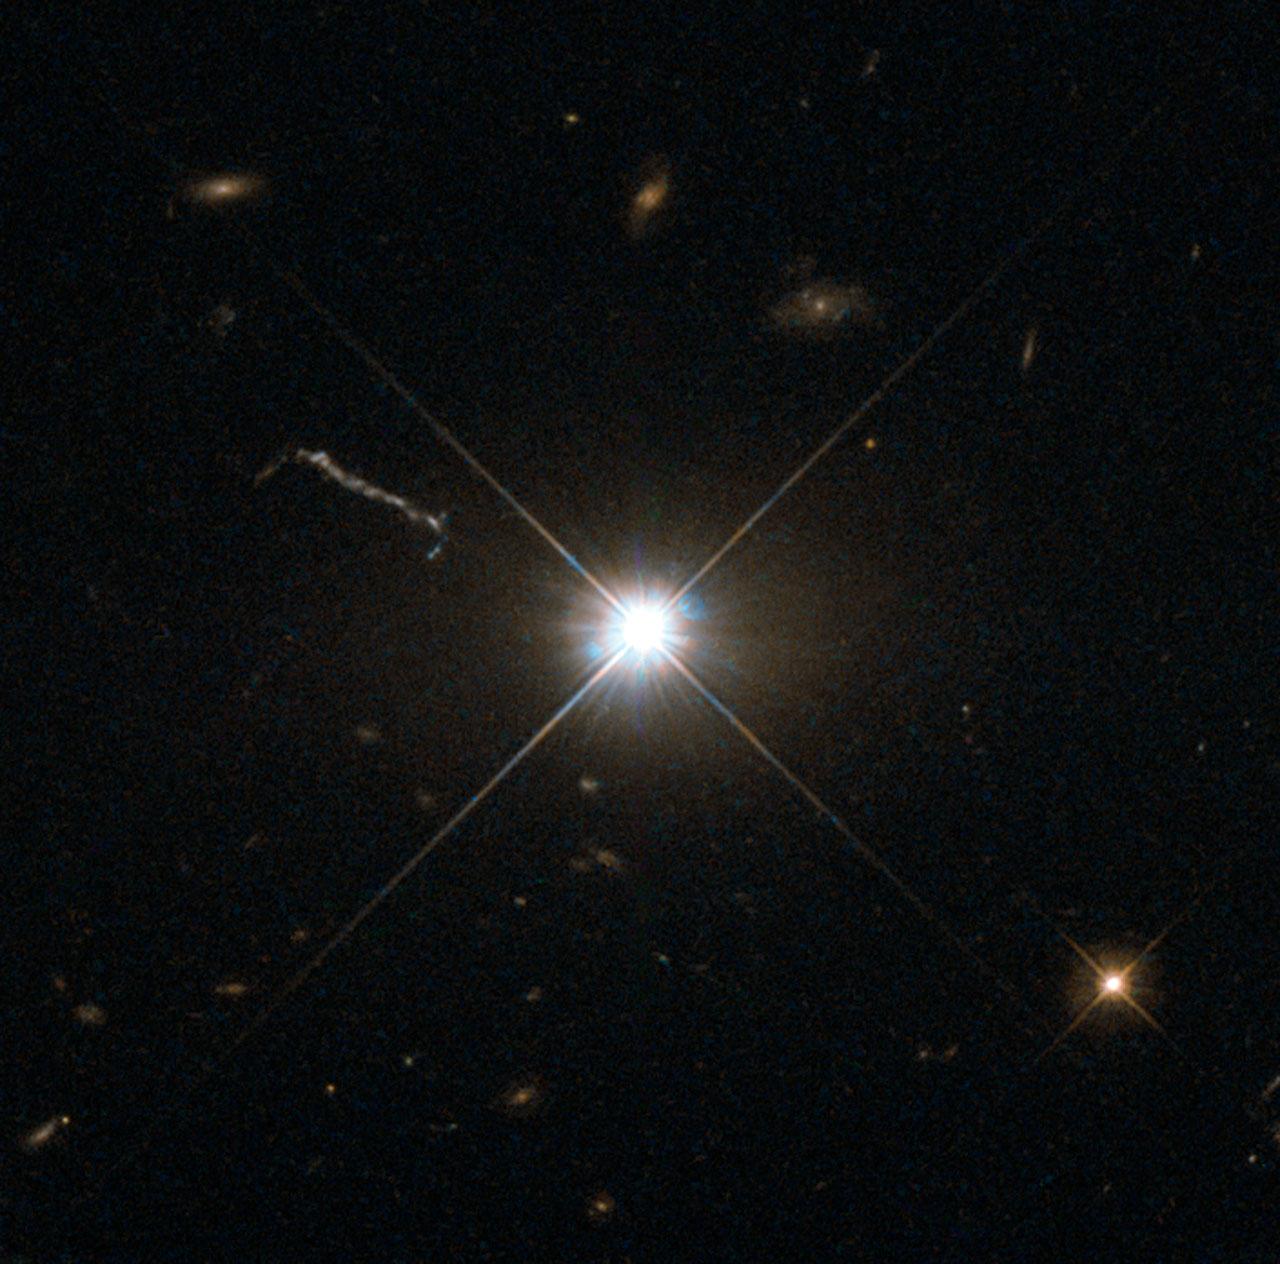 best image of bright quasar 3c 273   esa/hubble